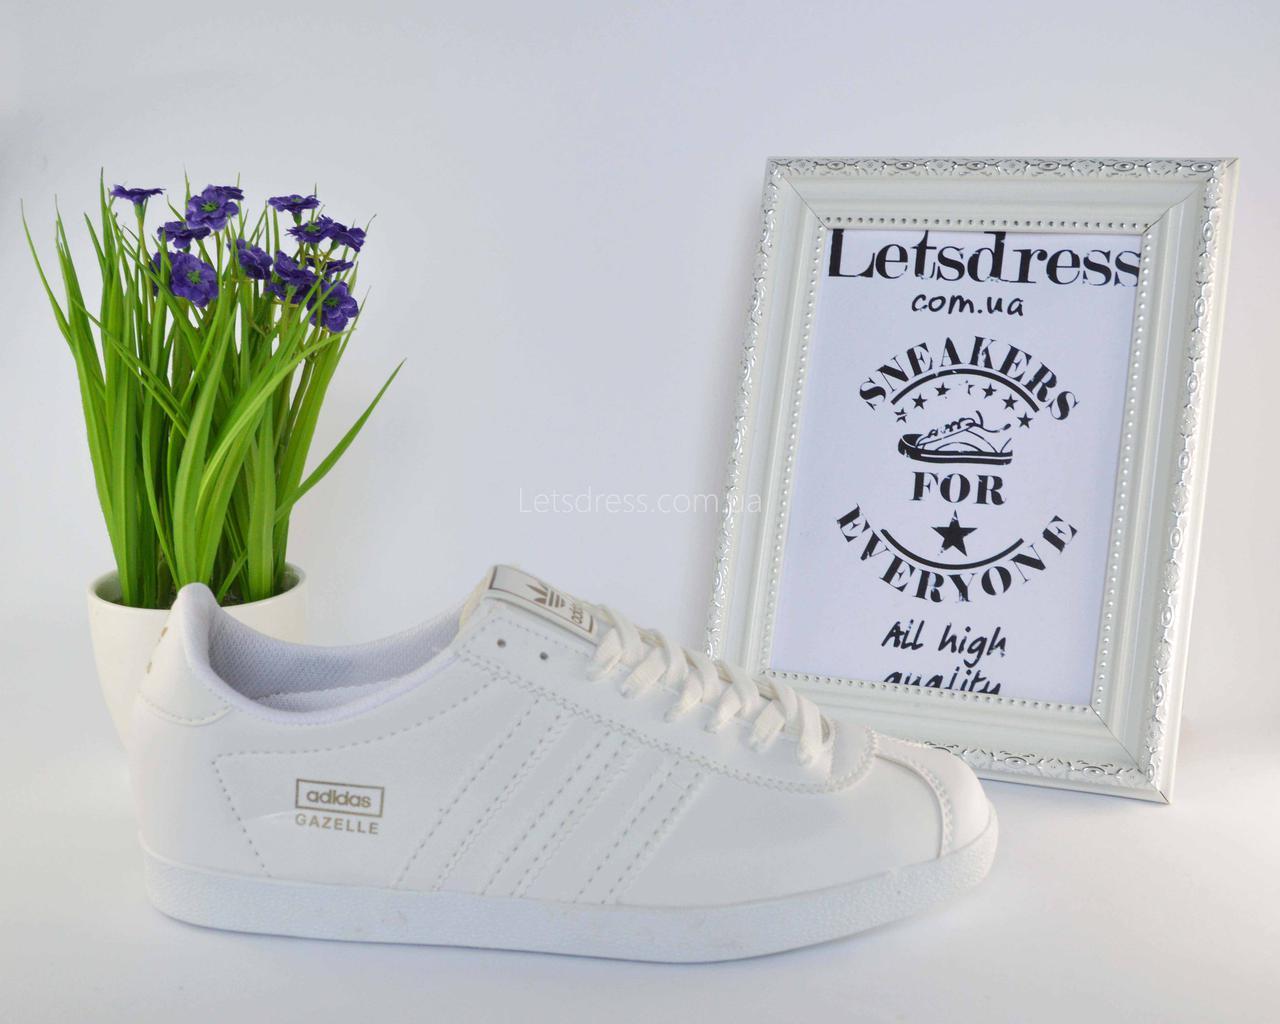 9731ef4e Кроссовки-кеды женские Adidas Gazelle White | Адидас Газель женские белые  реплика Вьетнам, ...